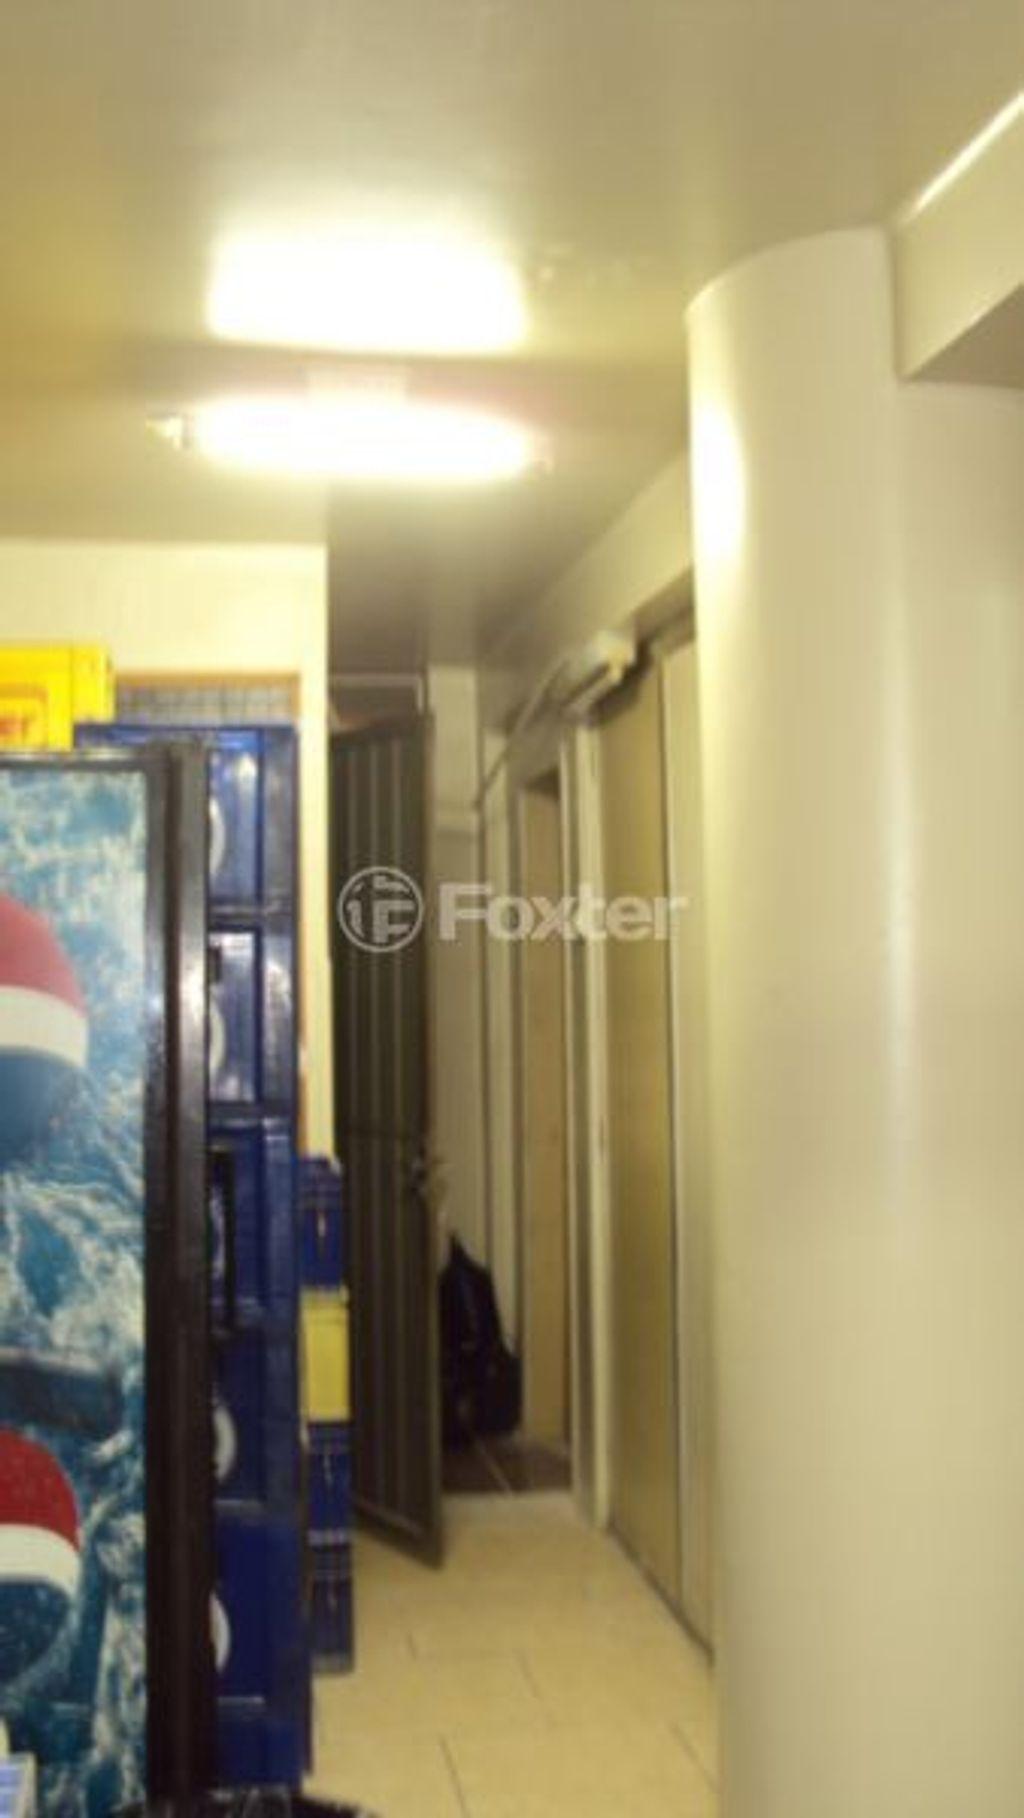 Foxter Imobiliária - Loja, Bom Fim, Porto Alegre